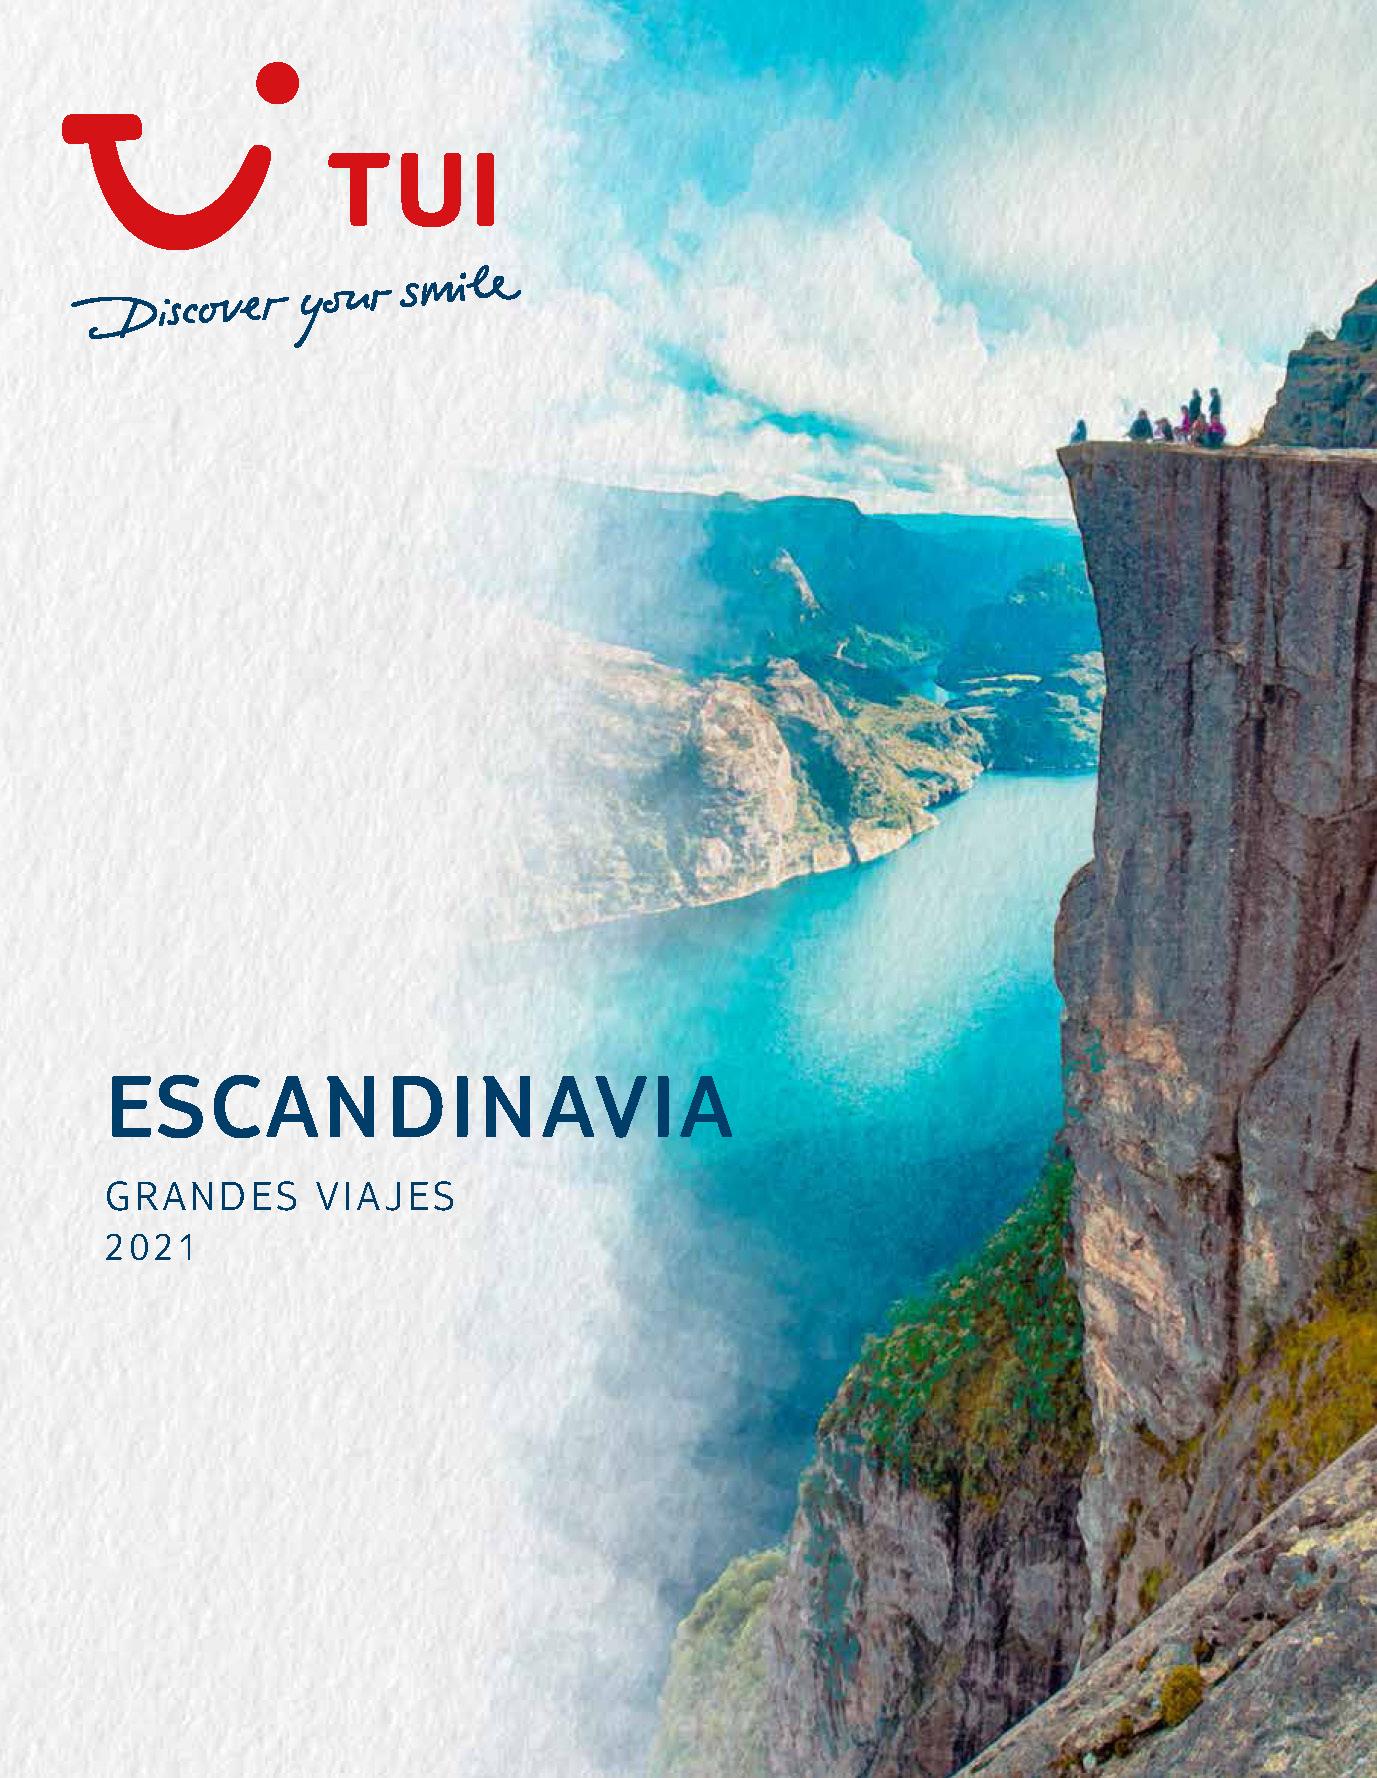 Catalogo TUI Ambassador Tours Escandinavia 2021